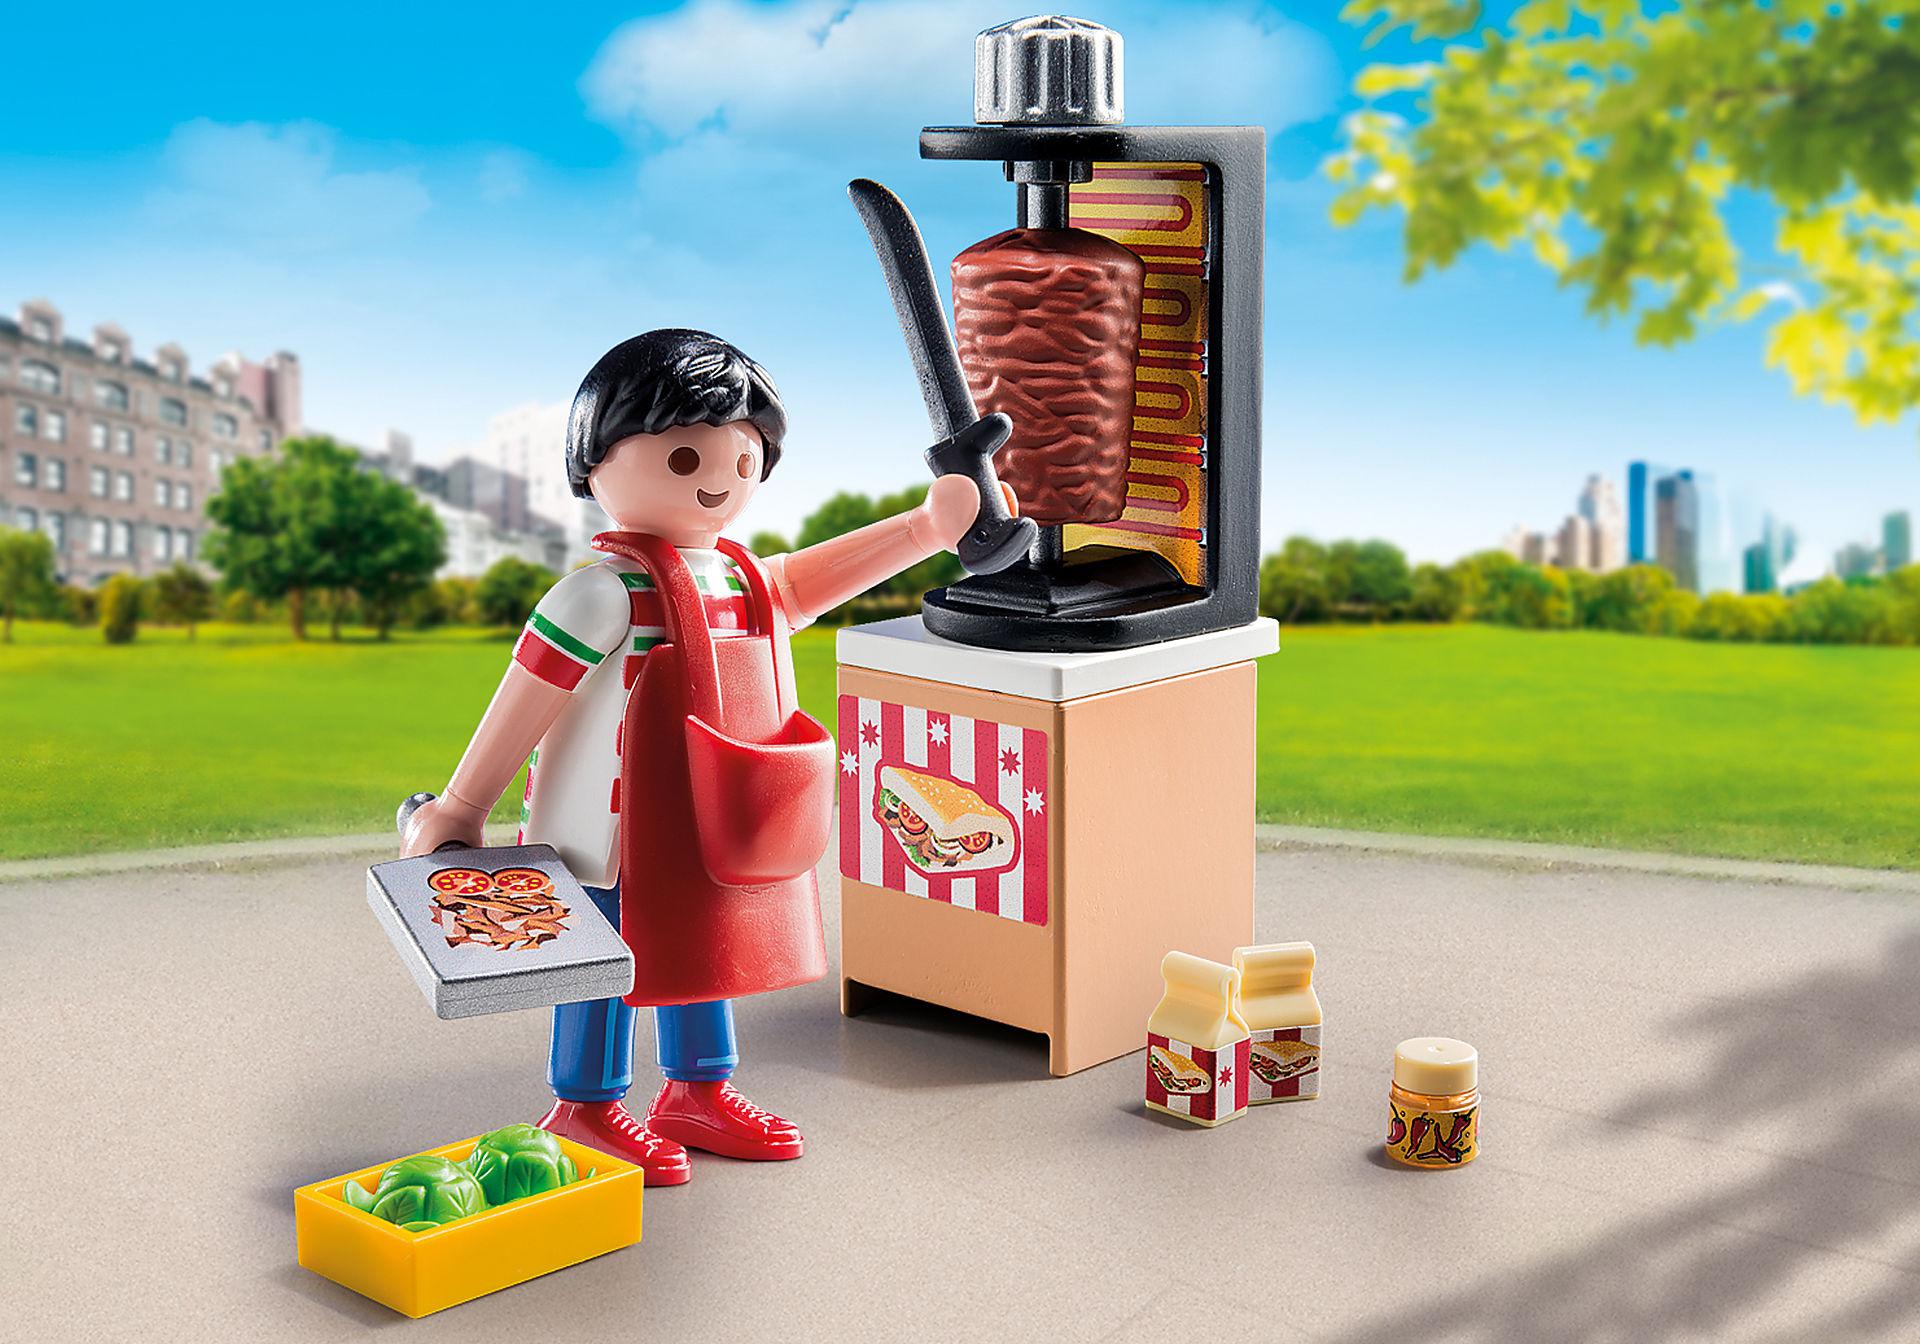 http://media.playmobil.com/i/playmobil/9088_product_detail/Sprzedawca kebabów